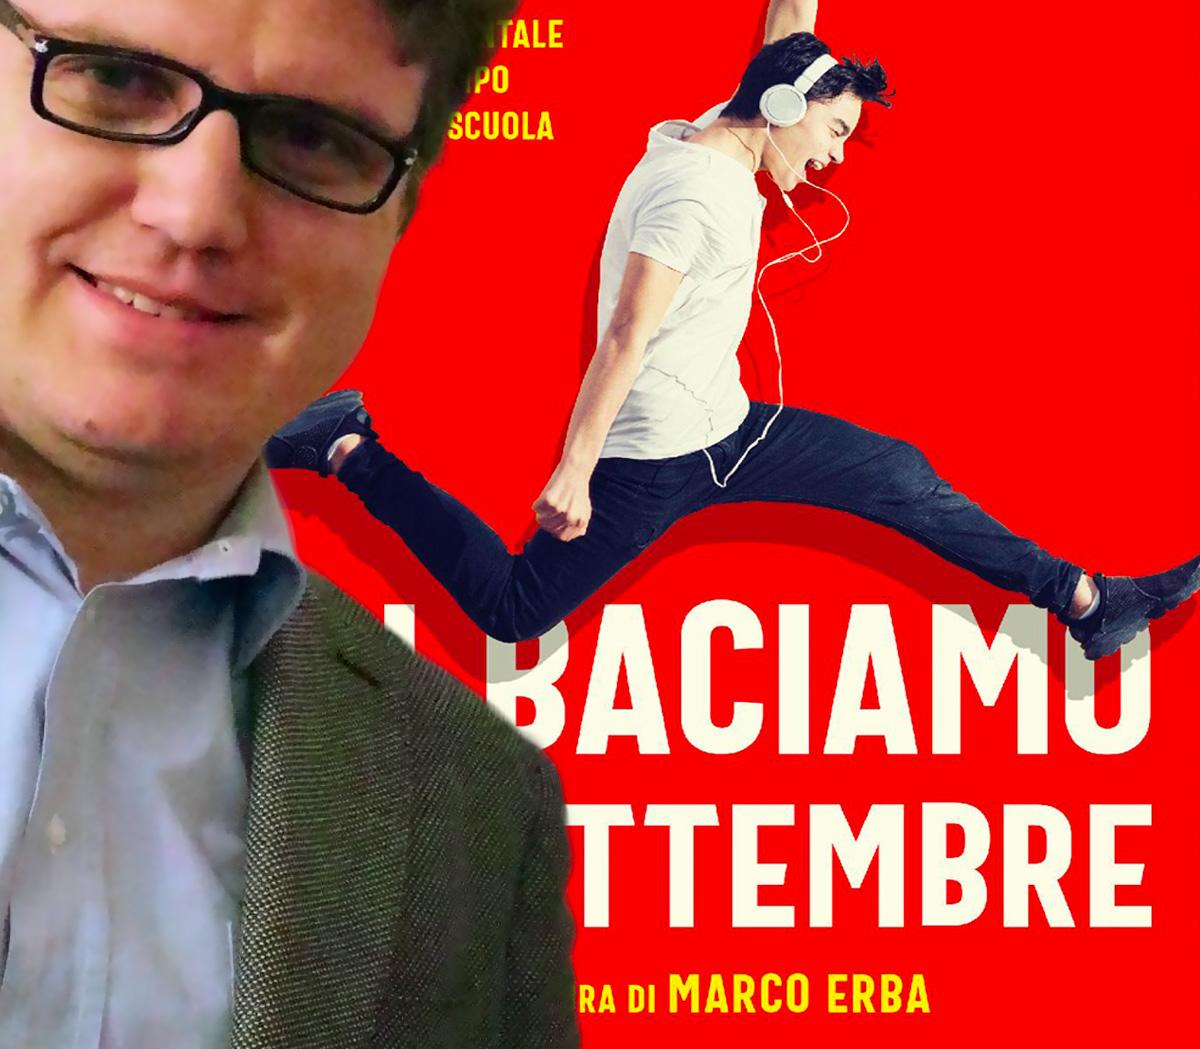 Marco Erba, da più di dieci anni insegna letteratura italiana e latina al liceo.